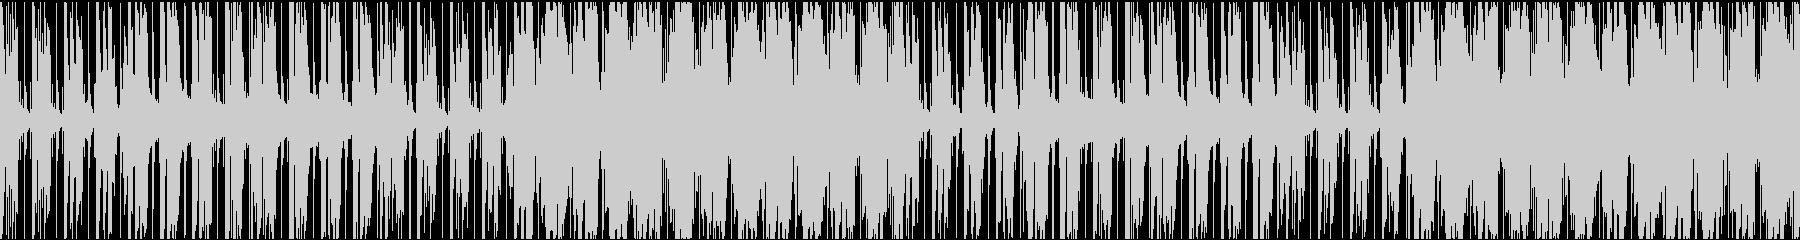 お洒落でクールなR&BテイストのBGMの未再生の波形